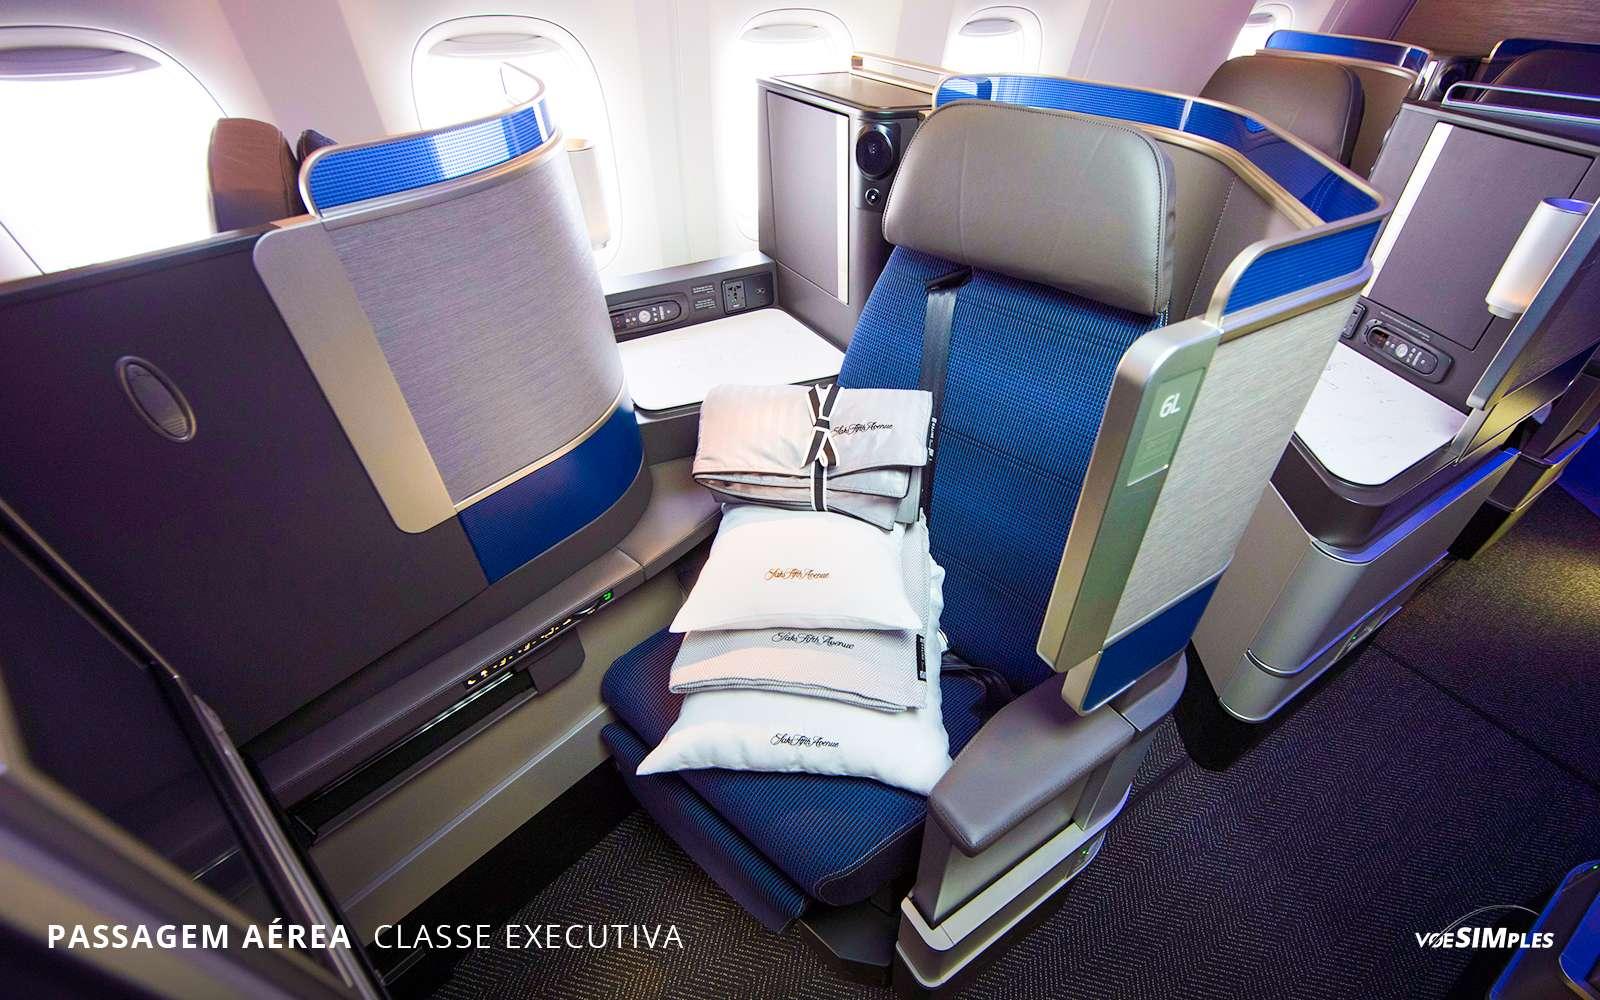 passagem-aerea-classe-executiva-united-airlines-chicago-eua-america-norte-voe-simples-01